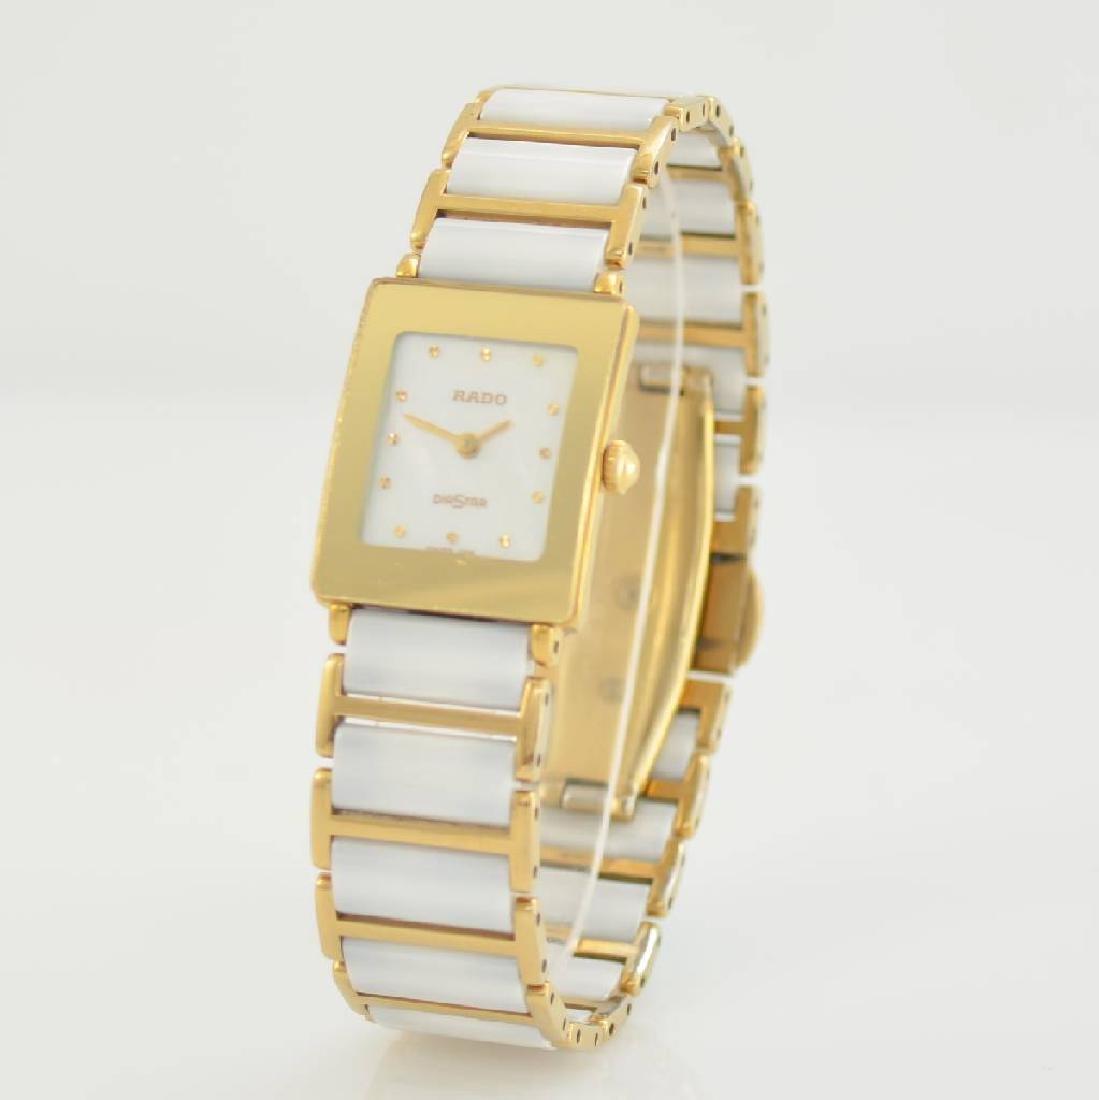 RADO Diastar ladies wristwatch, Switzerland around 1994 - 3